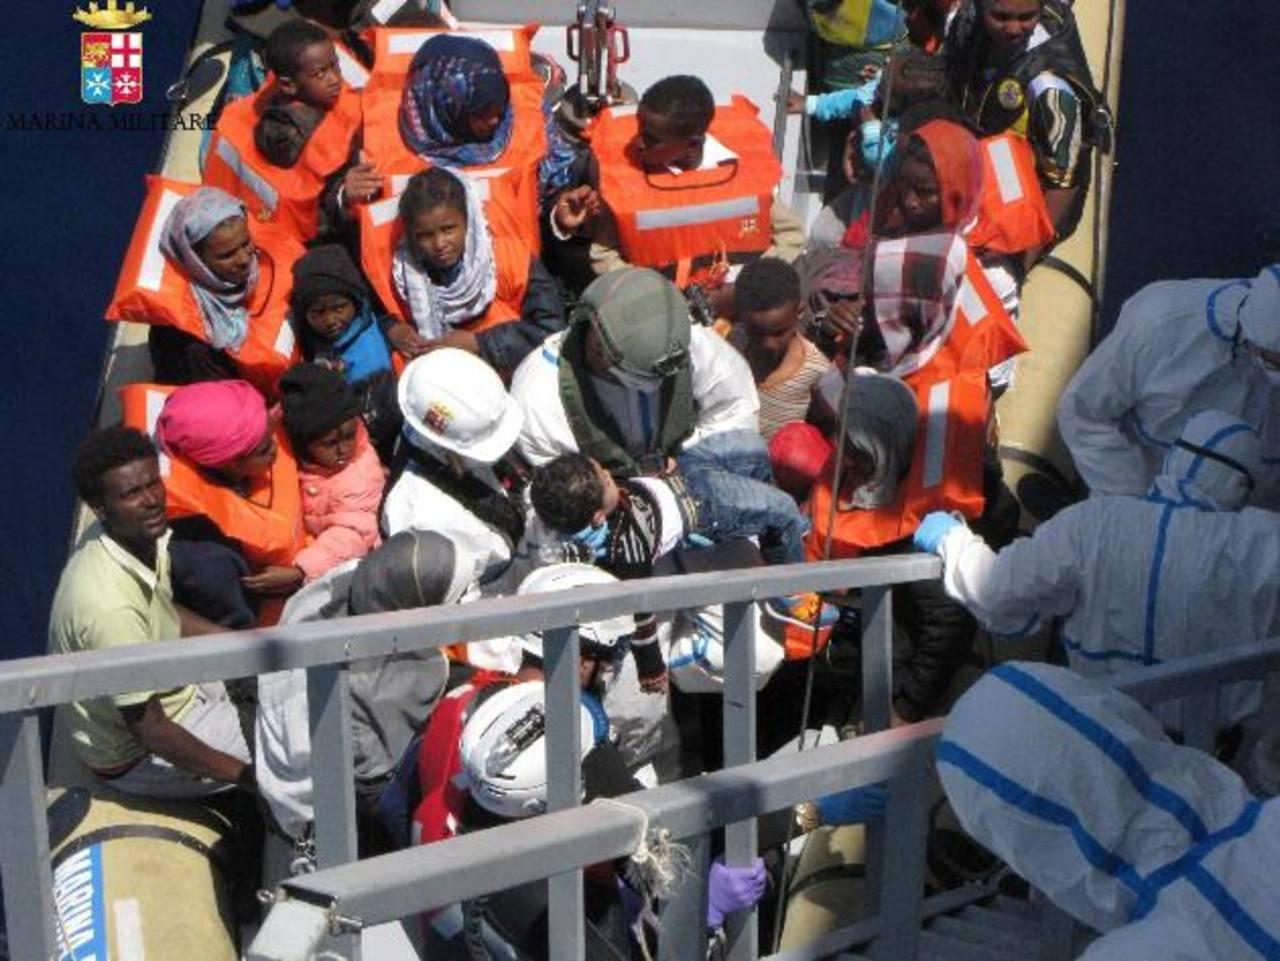 Autoridades italianas rescatan un barco con inmigrantes en el Mediterráneo